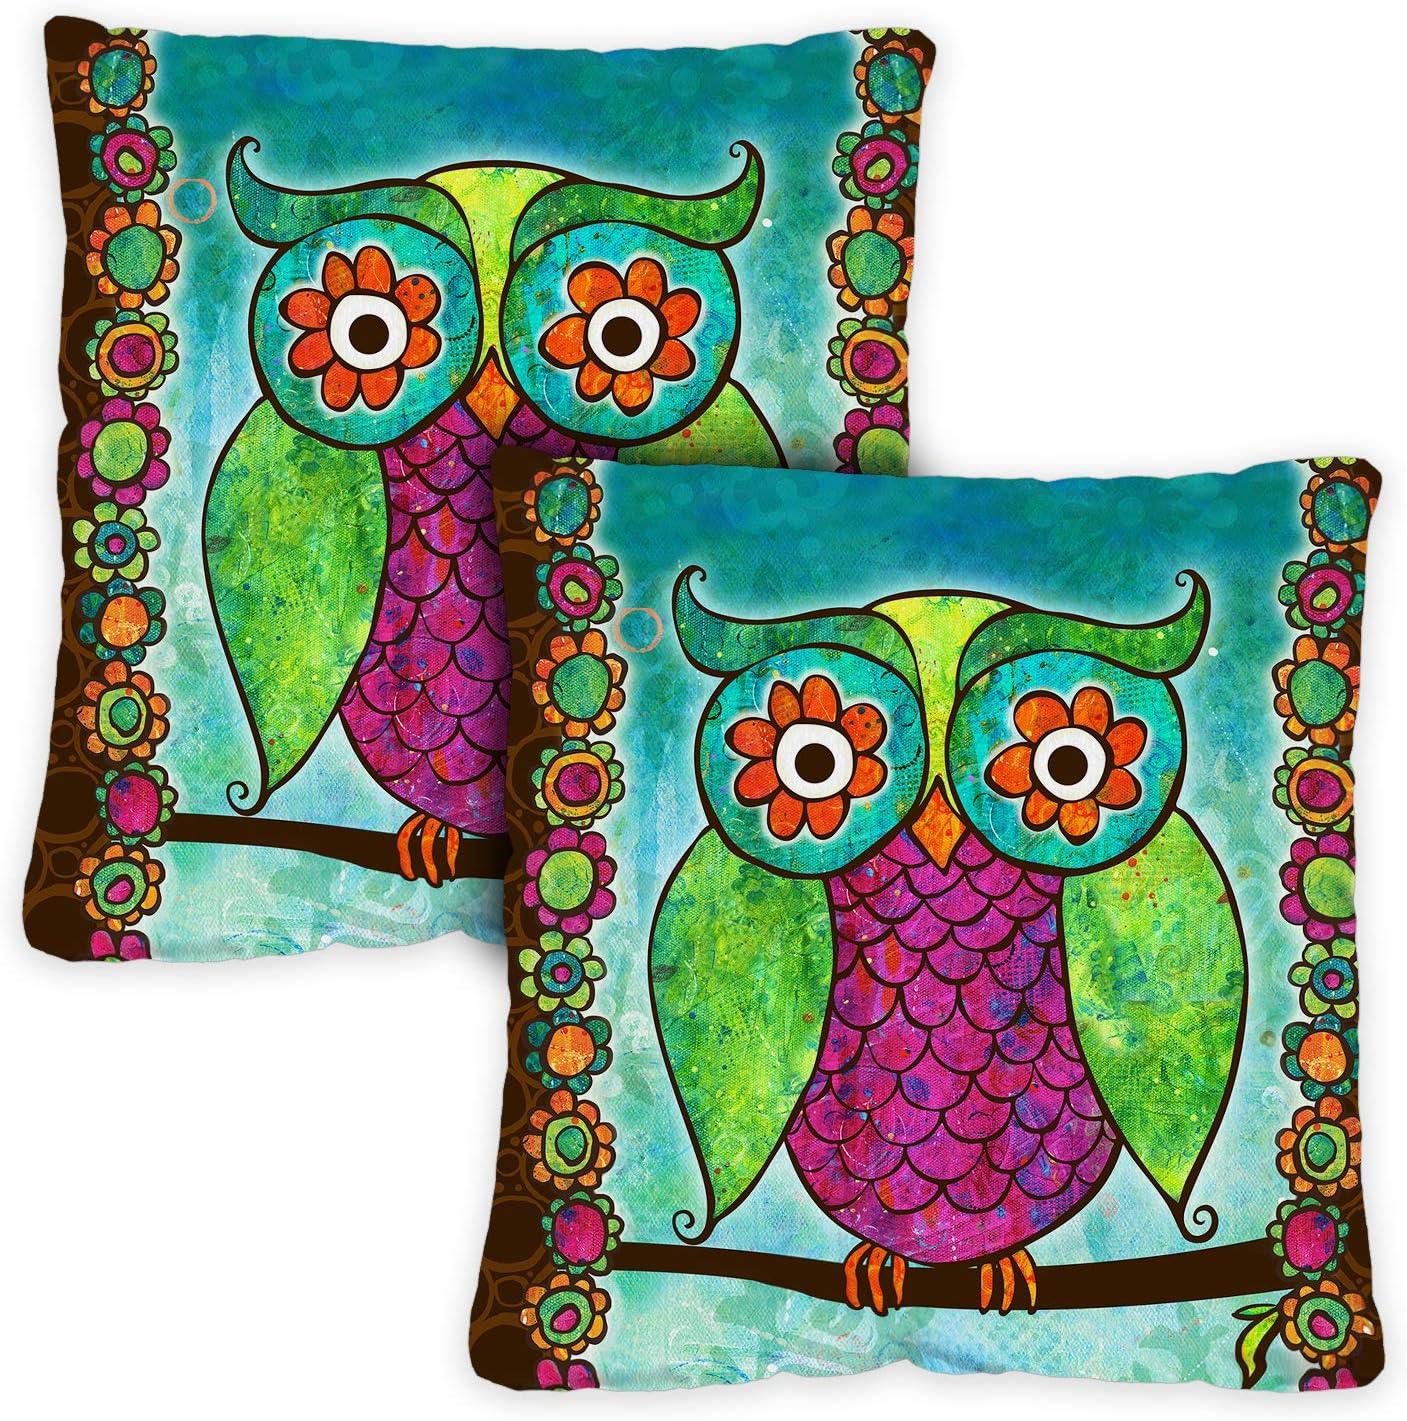 Toland Home Garden 721202 Rainbow Owl 18 x 18 Inch Indoor Outdoor, Pillow, Insert 2-Pack